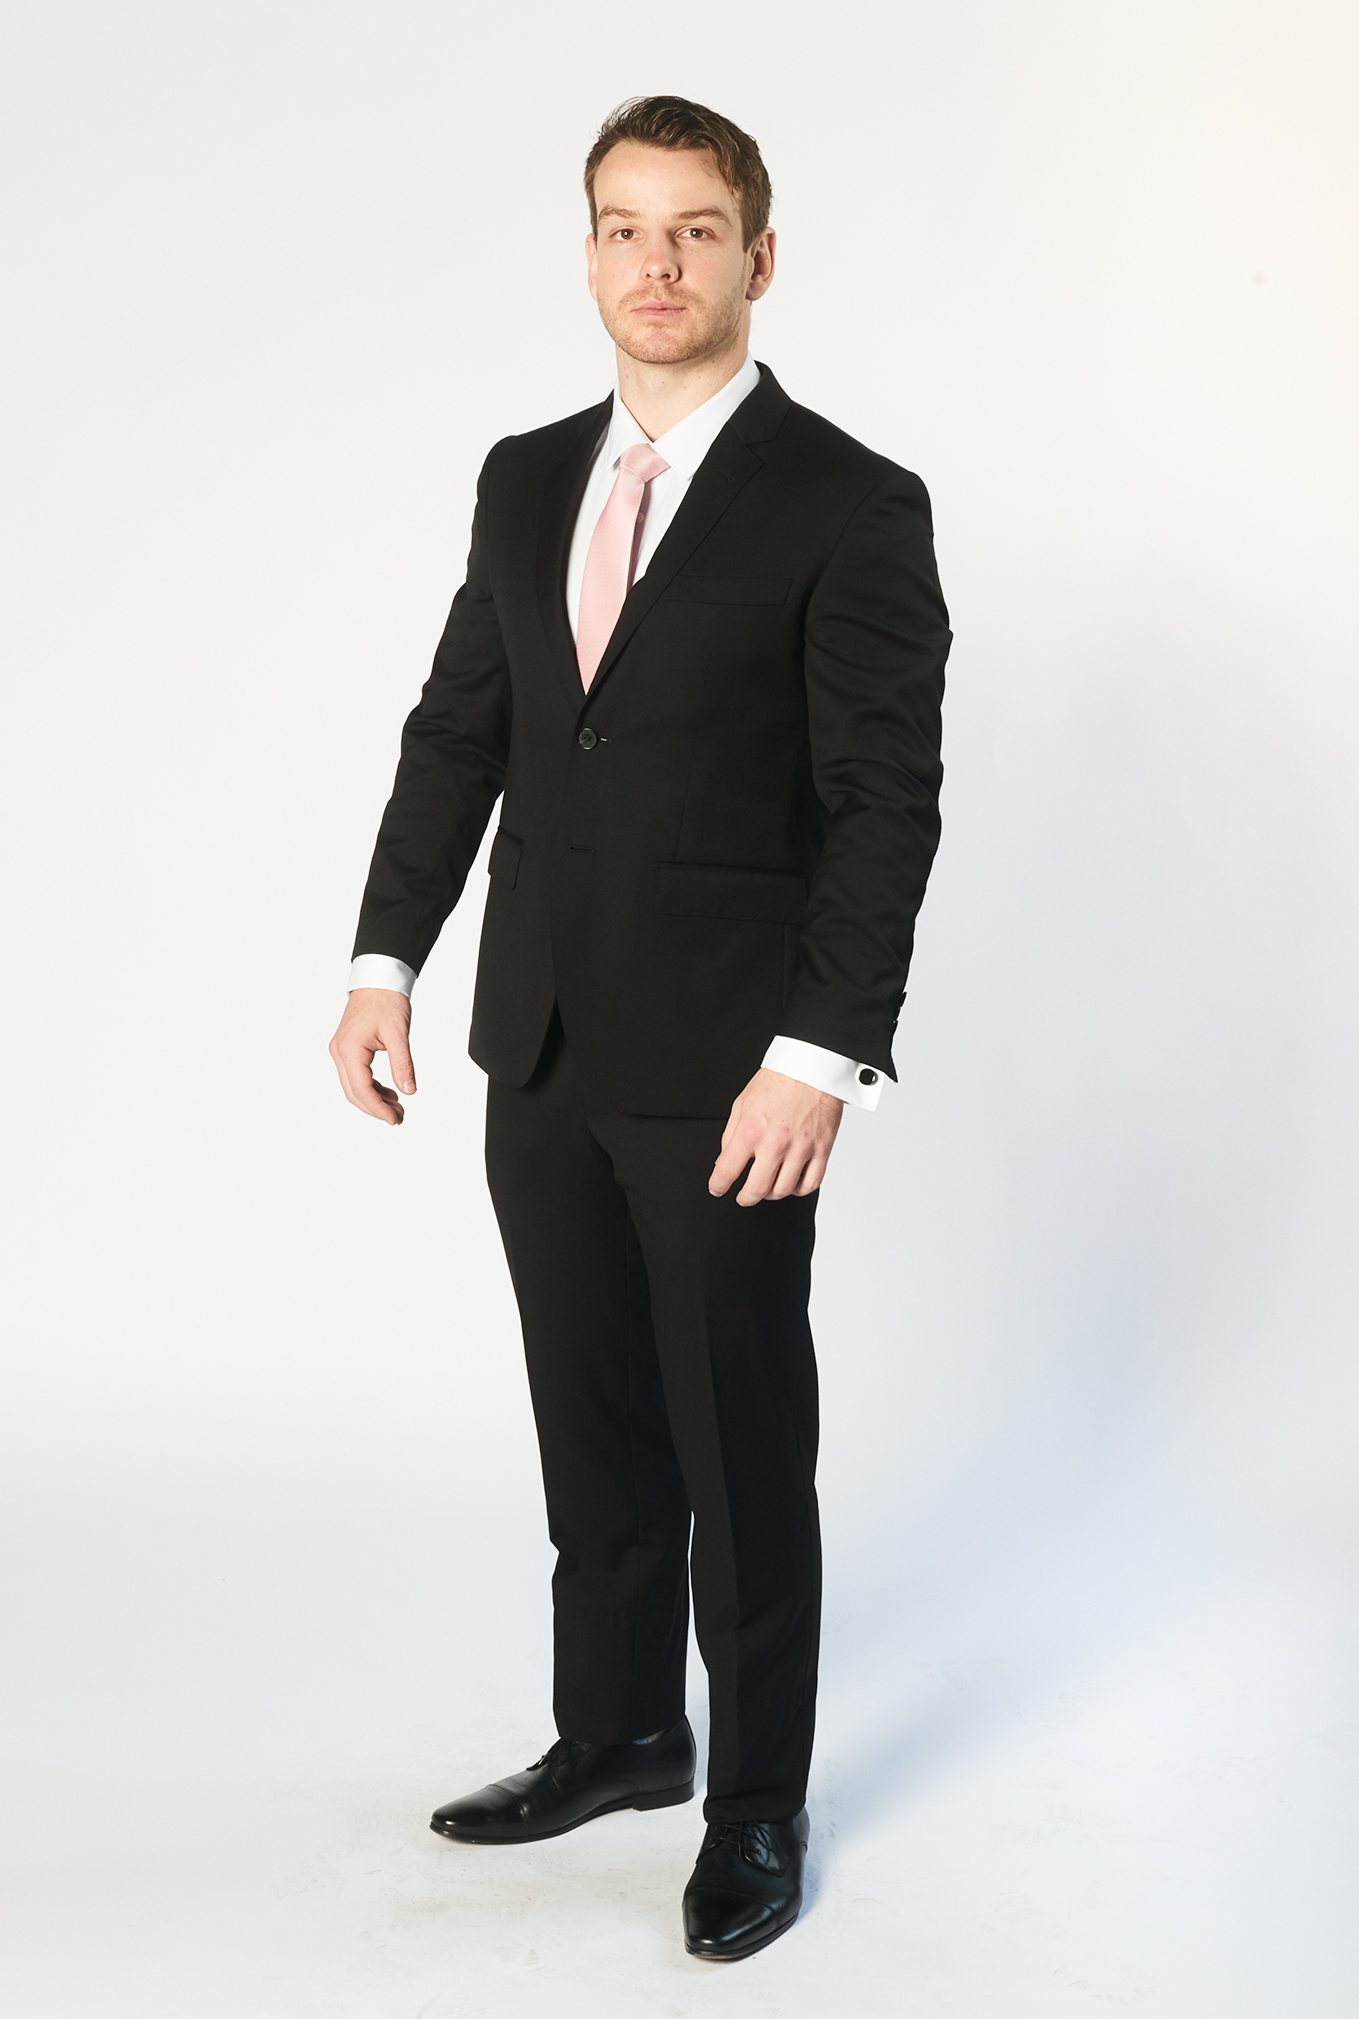 The Cambridge black suit buttoned up